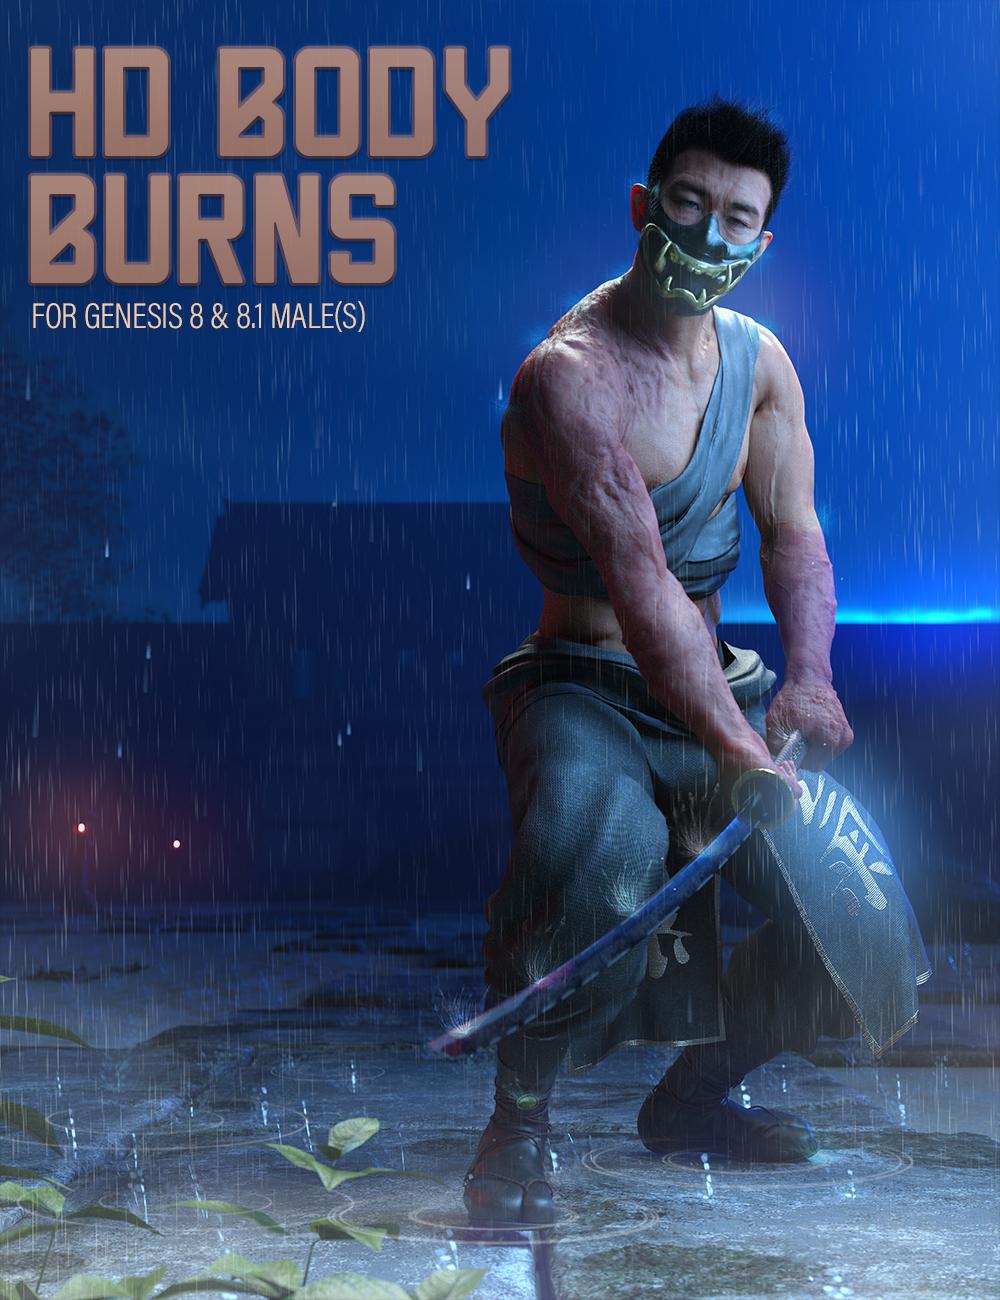 HD Body Burns for Genesis 8 and 8.1 Males by: FenixPhoenixEsid, 3D Models by Daz 3D